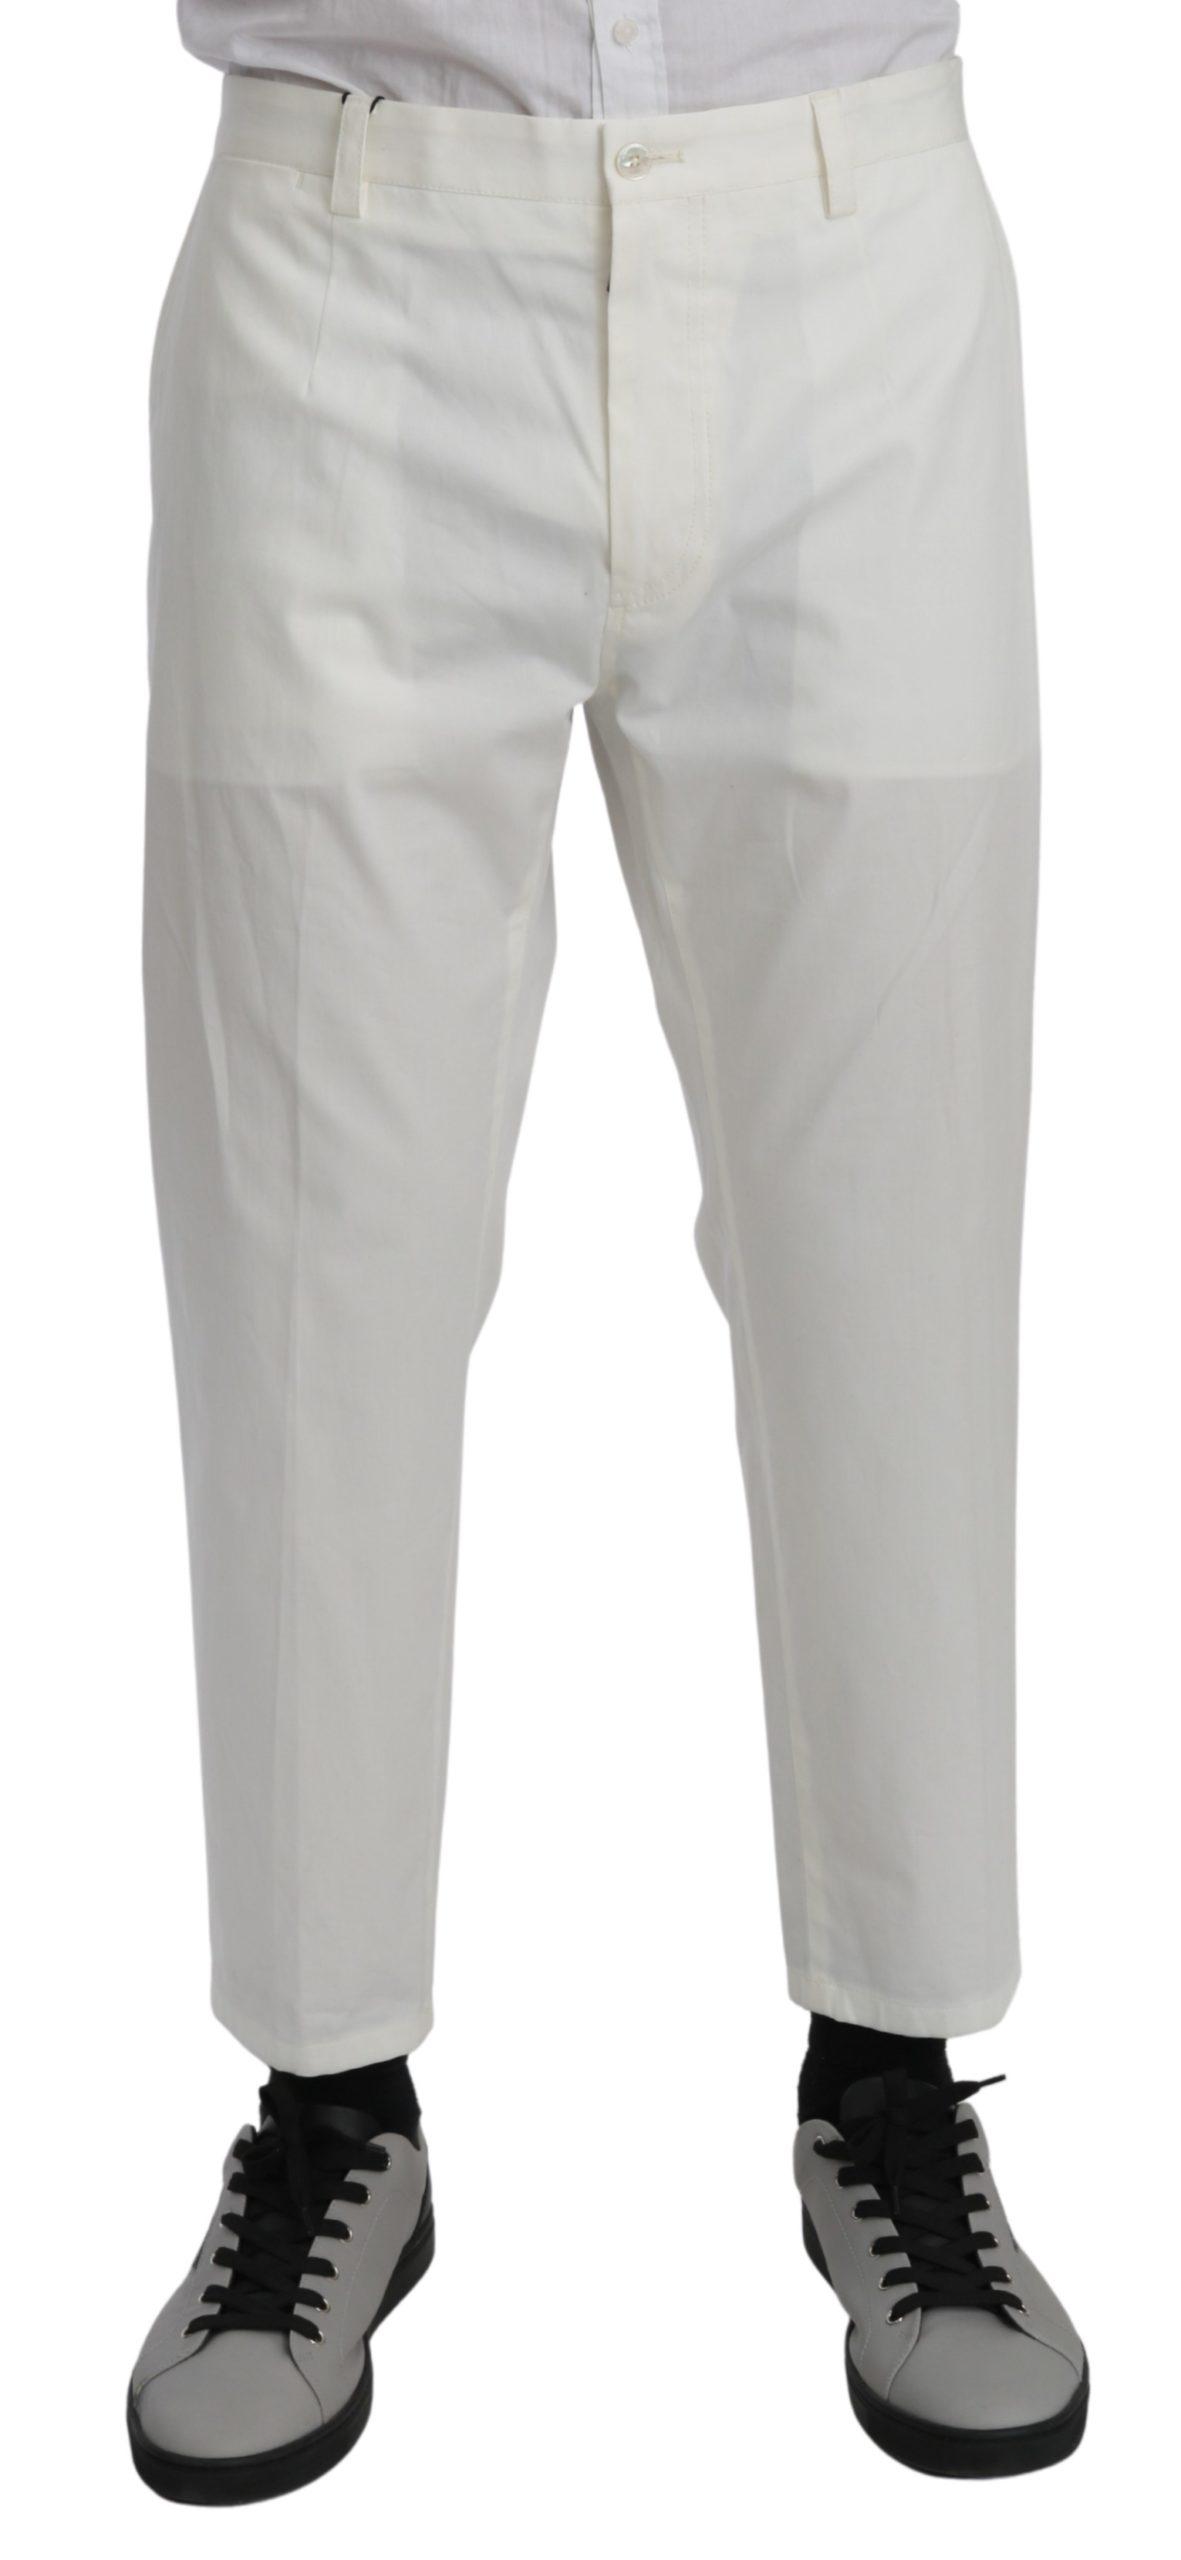 Dolce & Gabbana Men's Casual Cotton Stretch Trouser White PAN70962 - IT52   XL